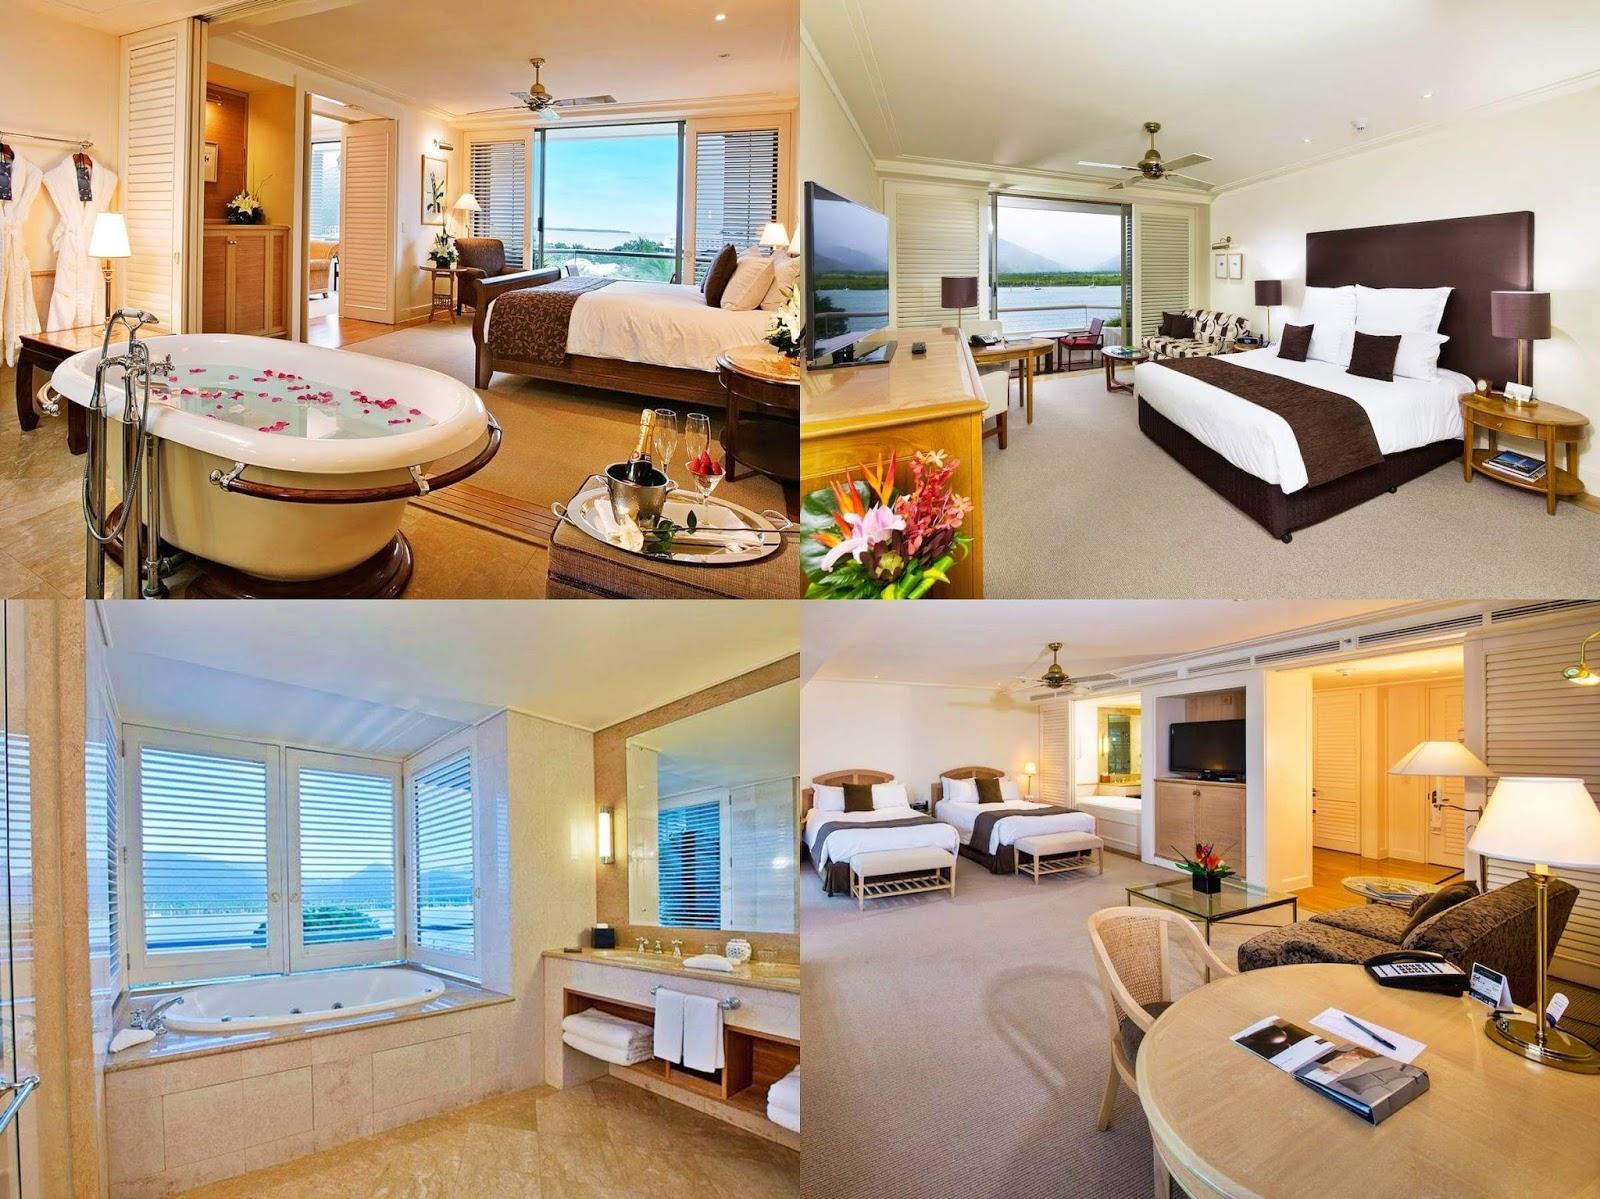 凱恩斯-住宿-推薦-普爾曼礁酒店賭場-飯店-旅館-民宿-公寓-酒店-Cairns-Pullman-Reef-Casino-Hotel